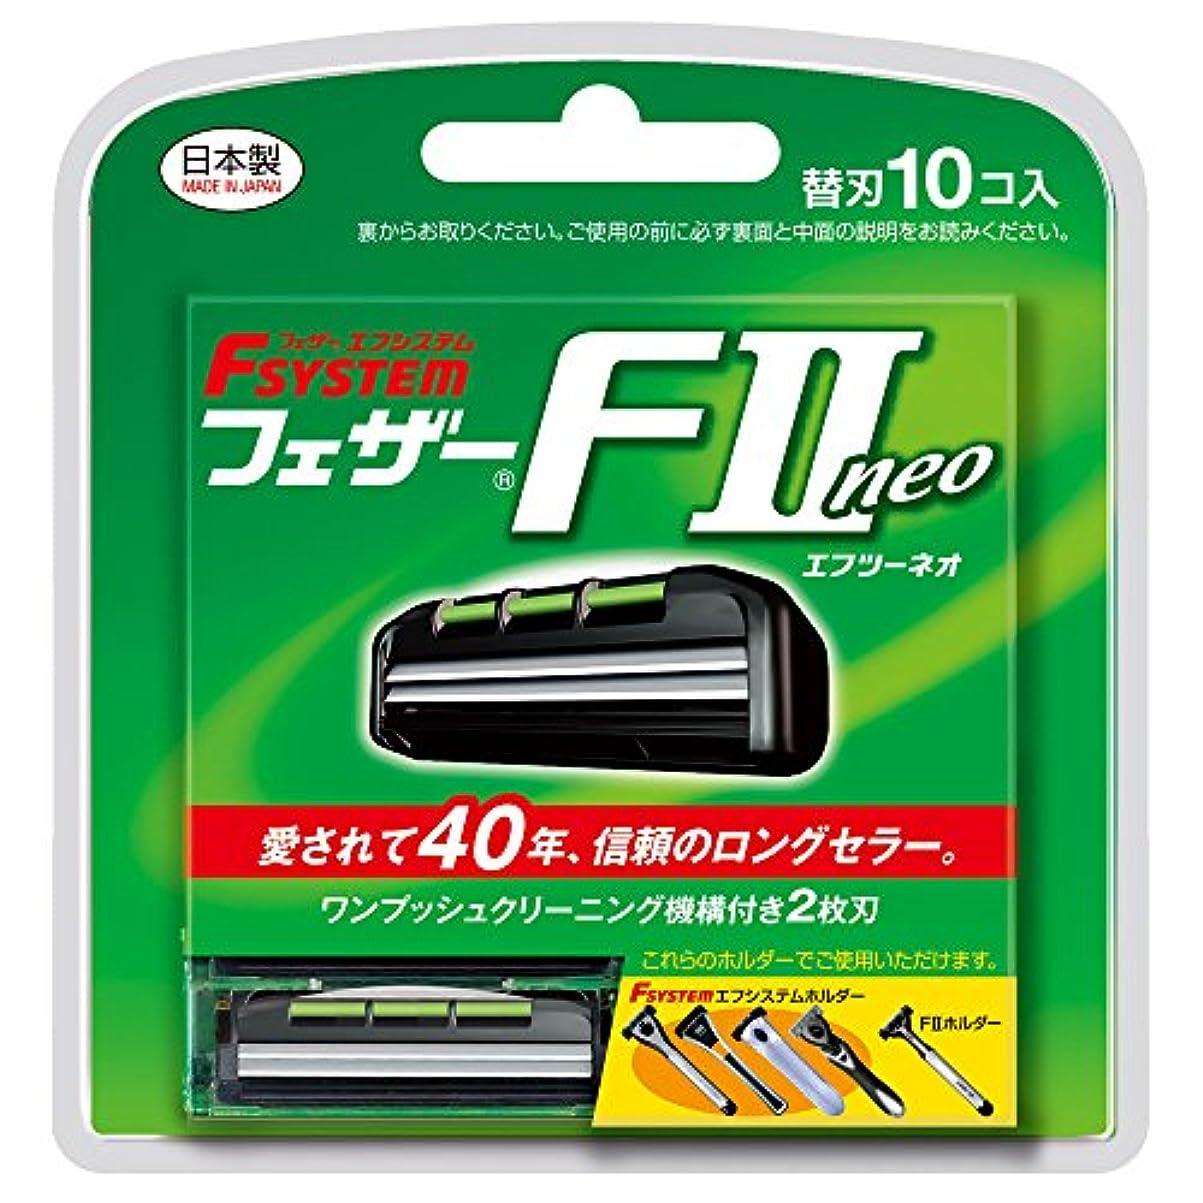 赤開拓者表面的なフェザー エフシステム 替刃 FIIネオ 10コ入